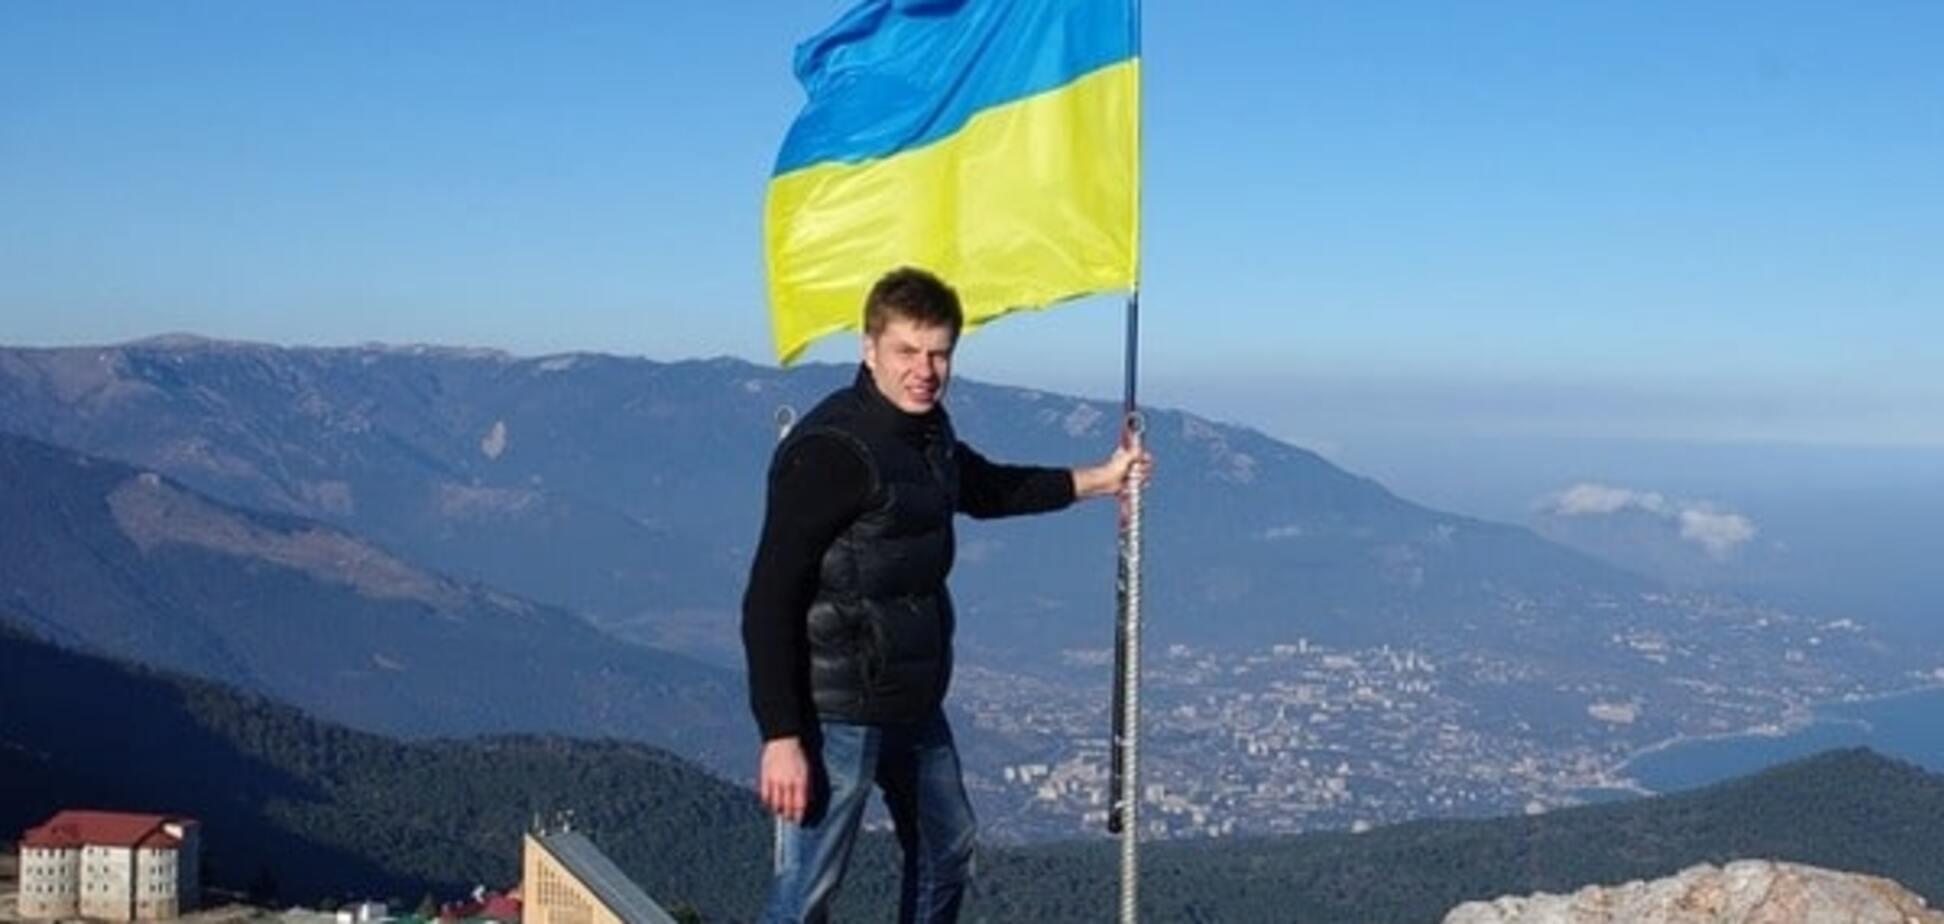 Латвия запретила своим гражданам посещать Крым без разрешения Украины